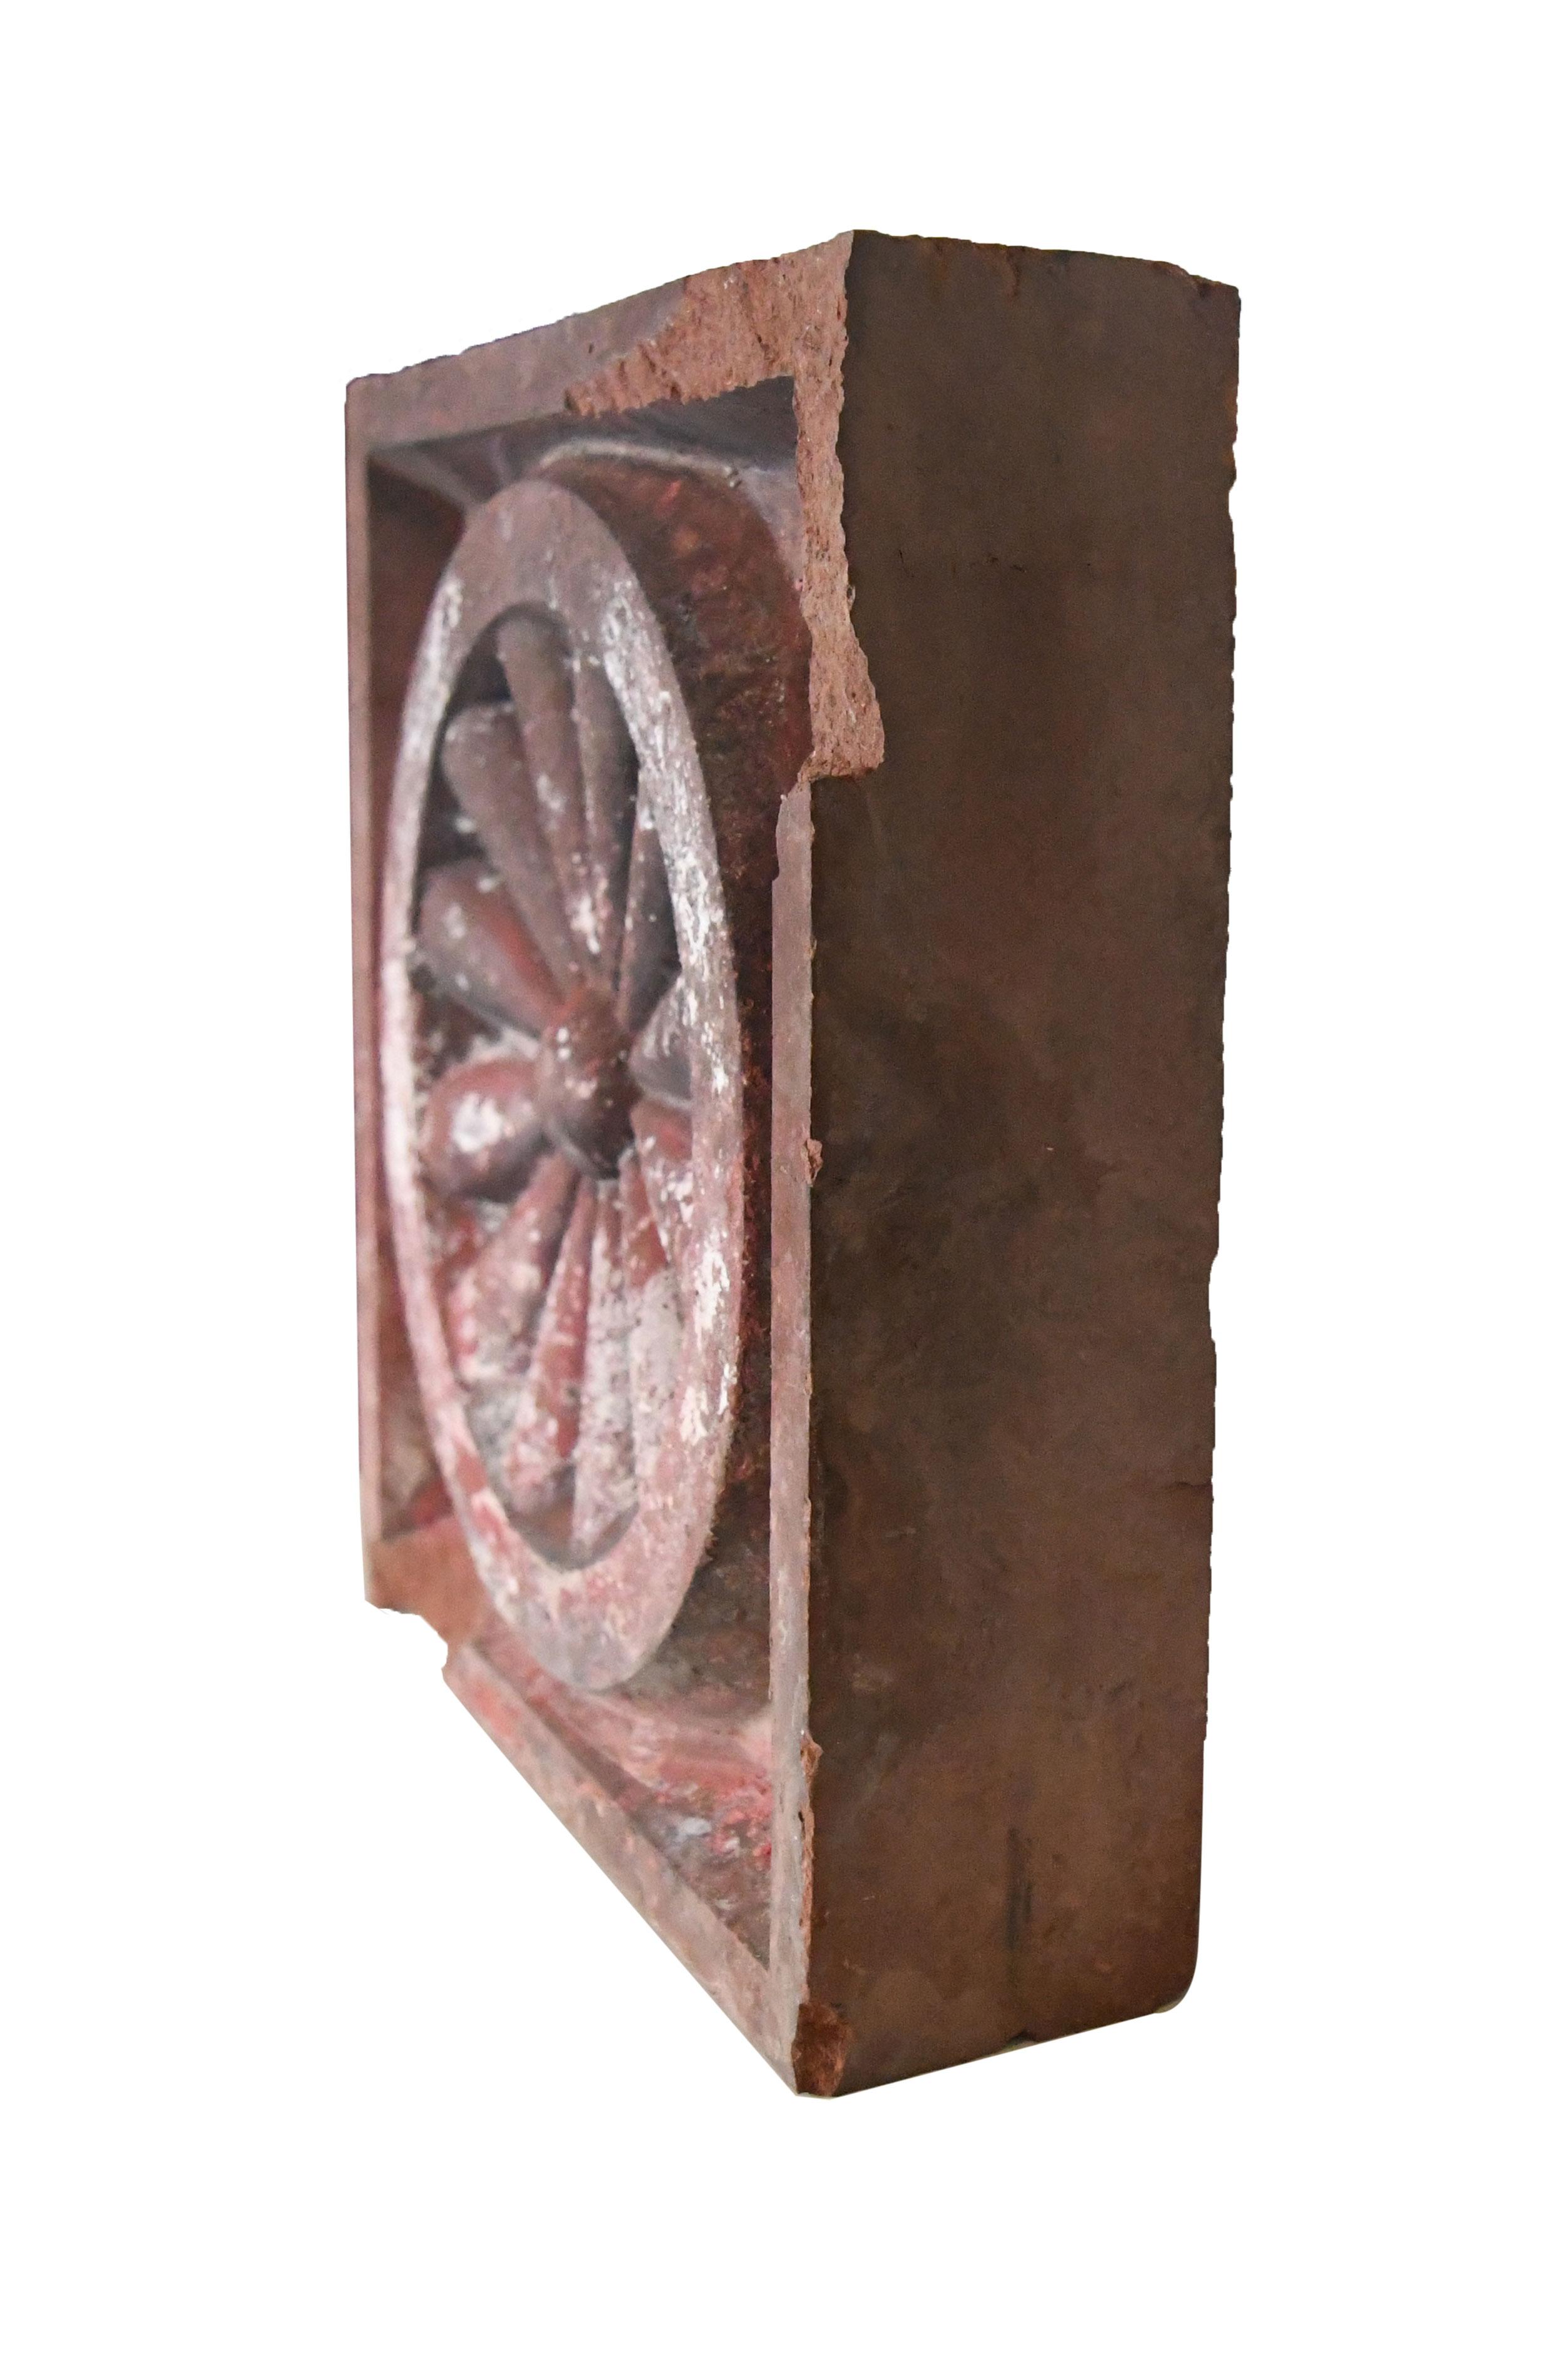 47439-terracotta-sunburst-2-left-detail-3.jpg